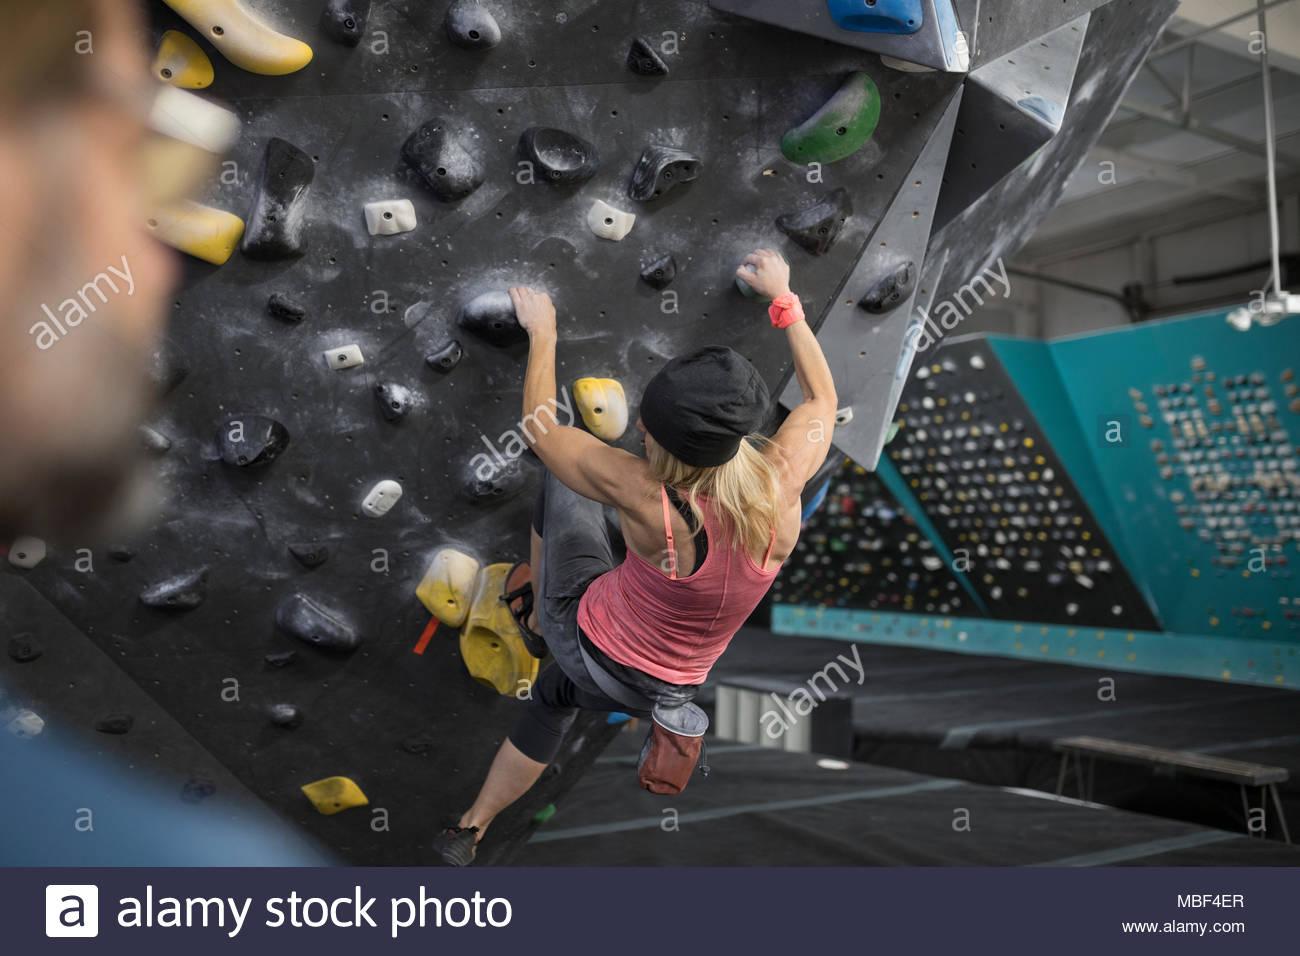 Strong, tough mature female rock climber climbing wall at climbing gym - Stock Image